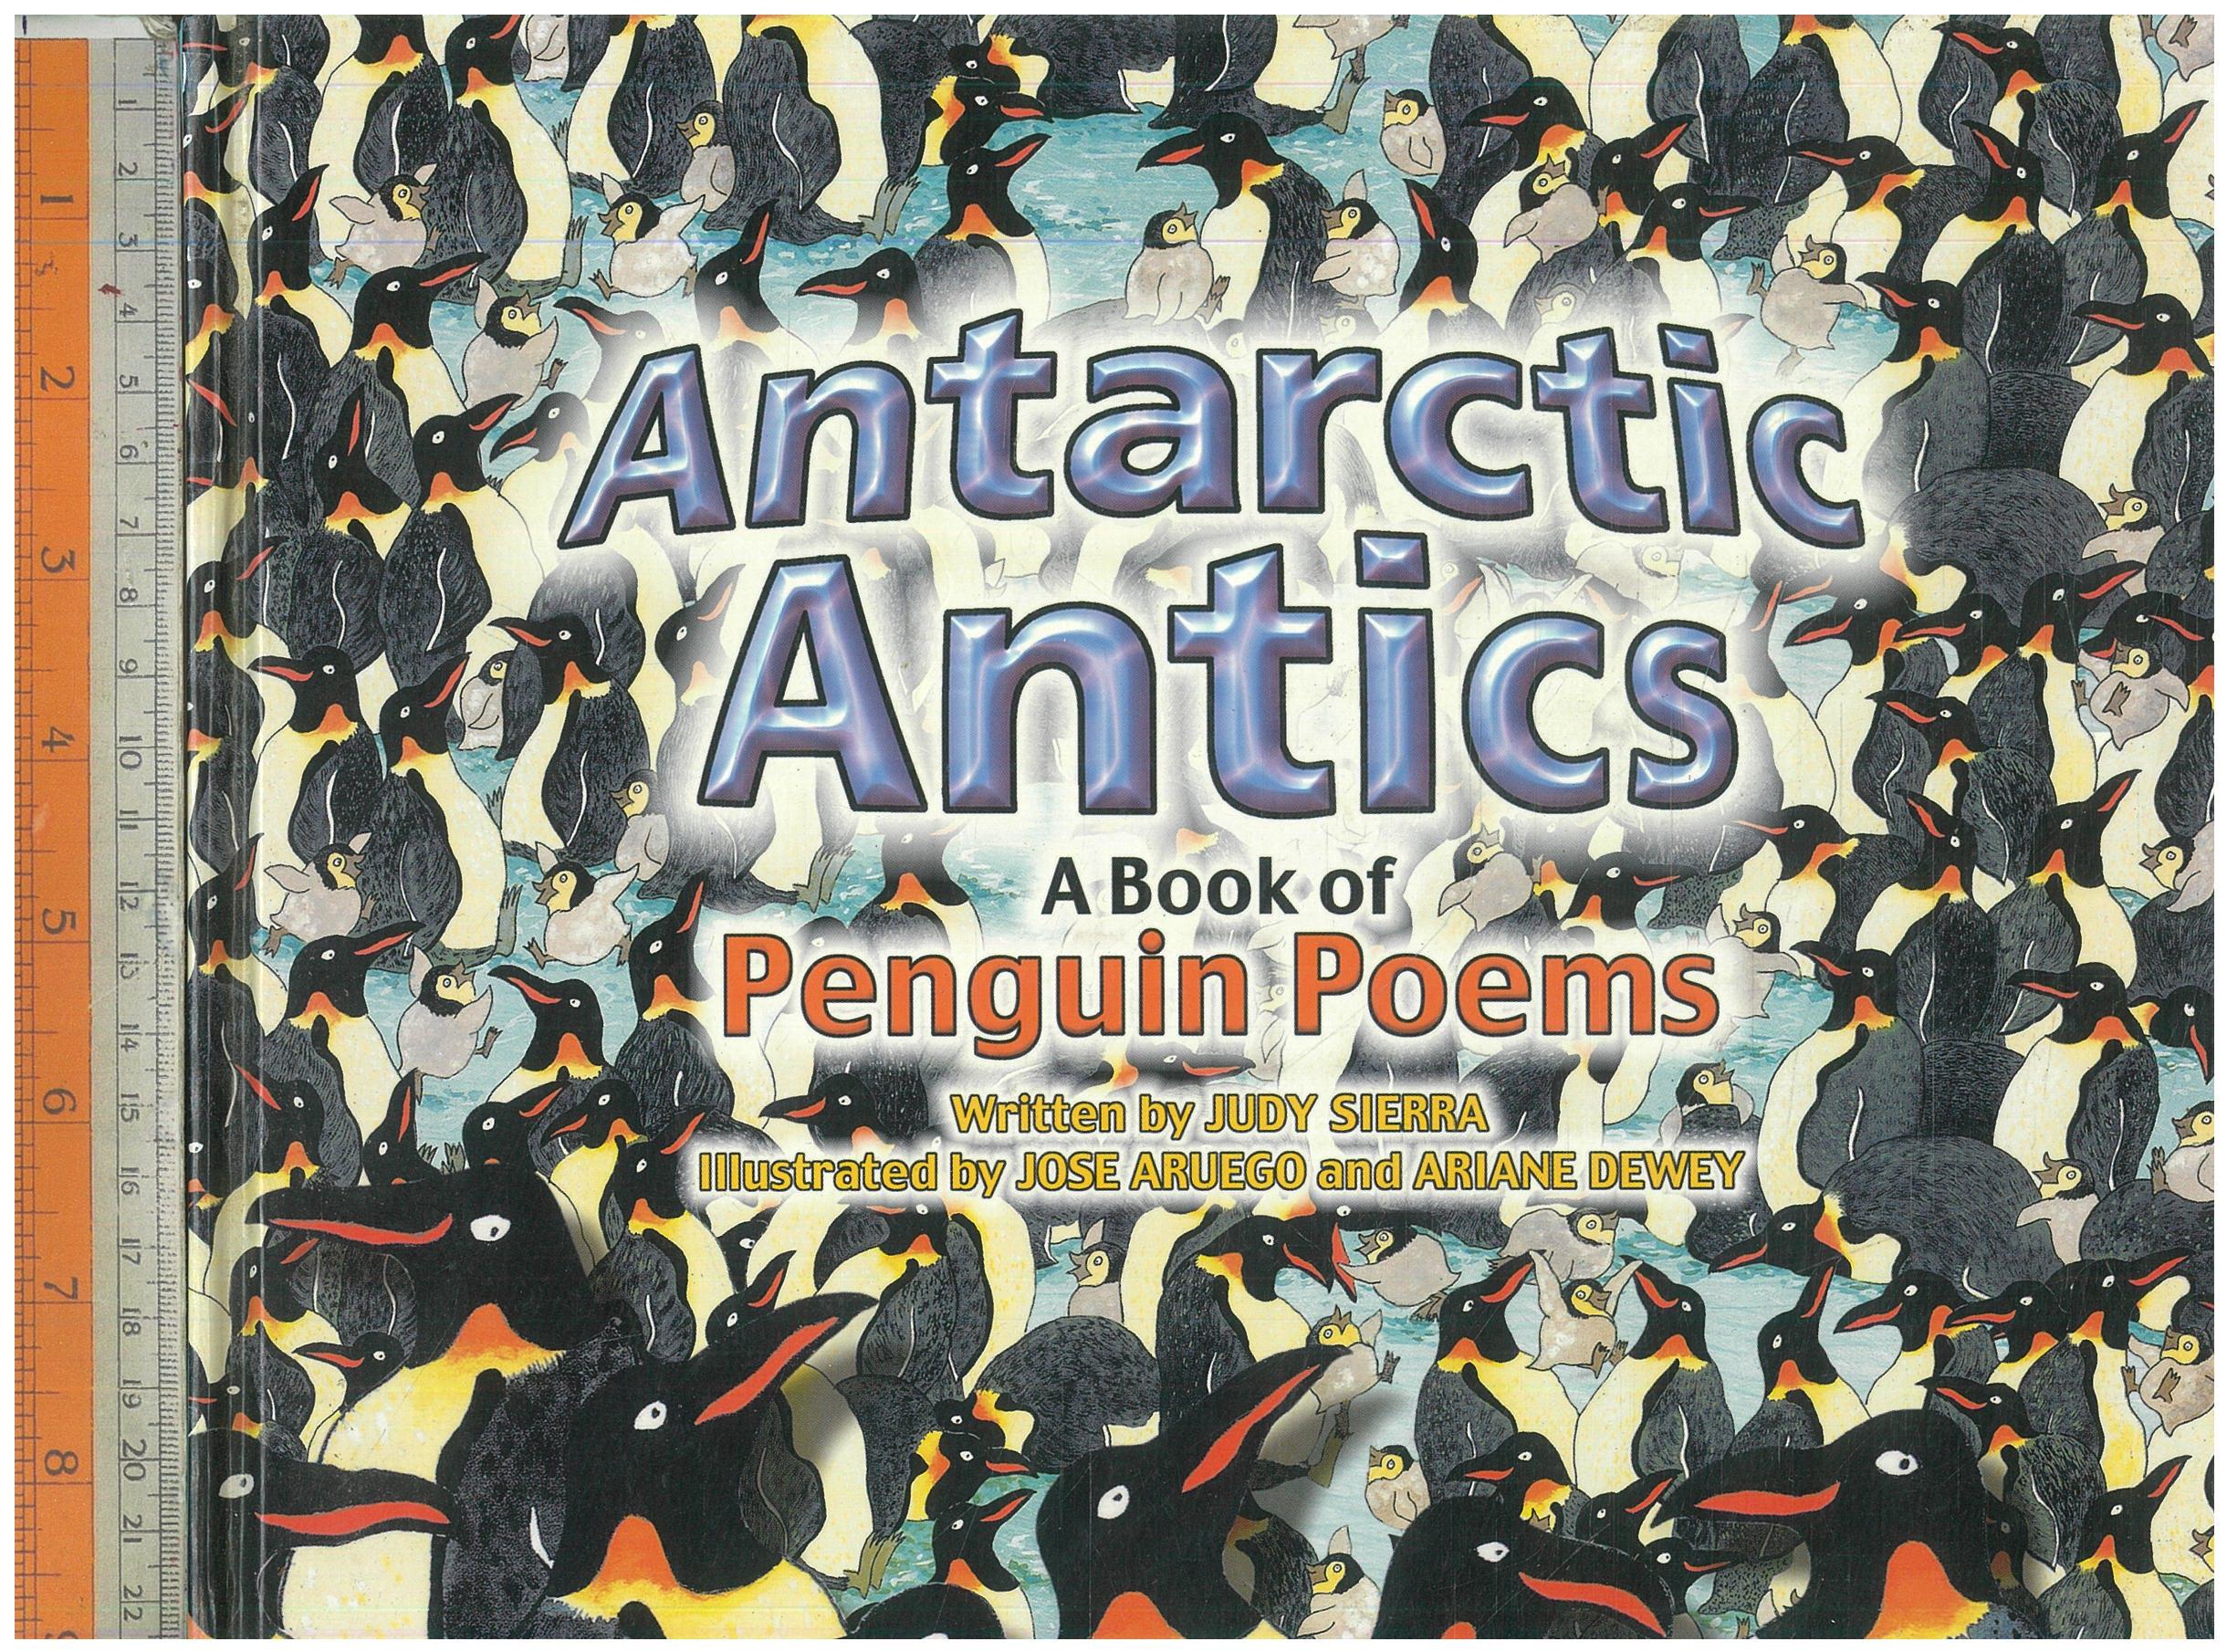 Penguin Poems